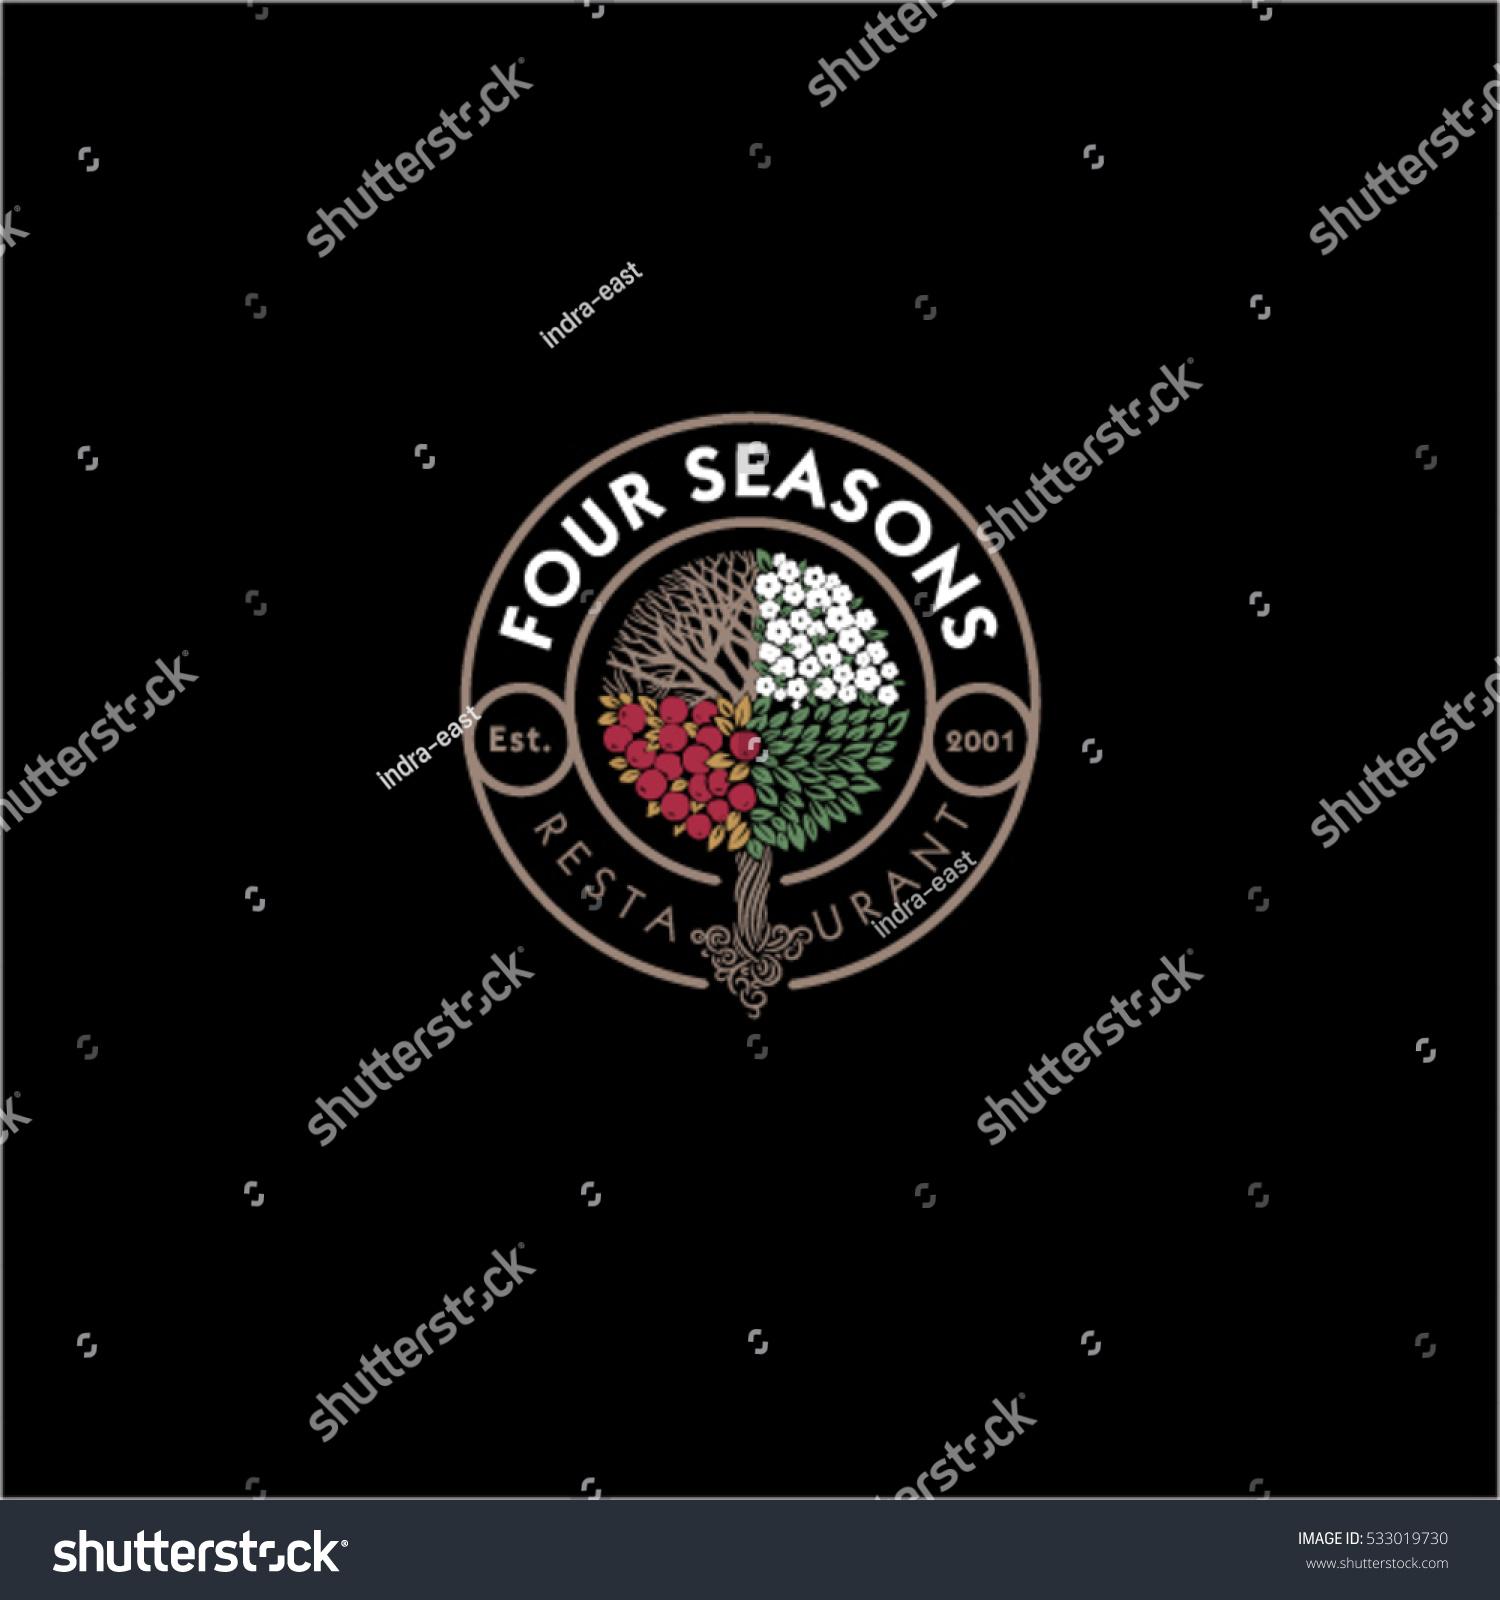 four seasons restaurant logo restaurant hotel stock vector